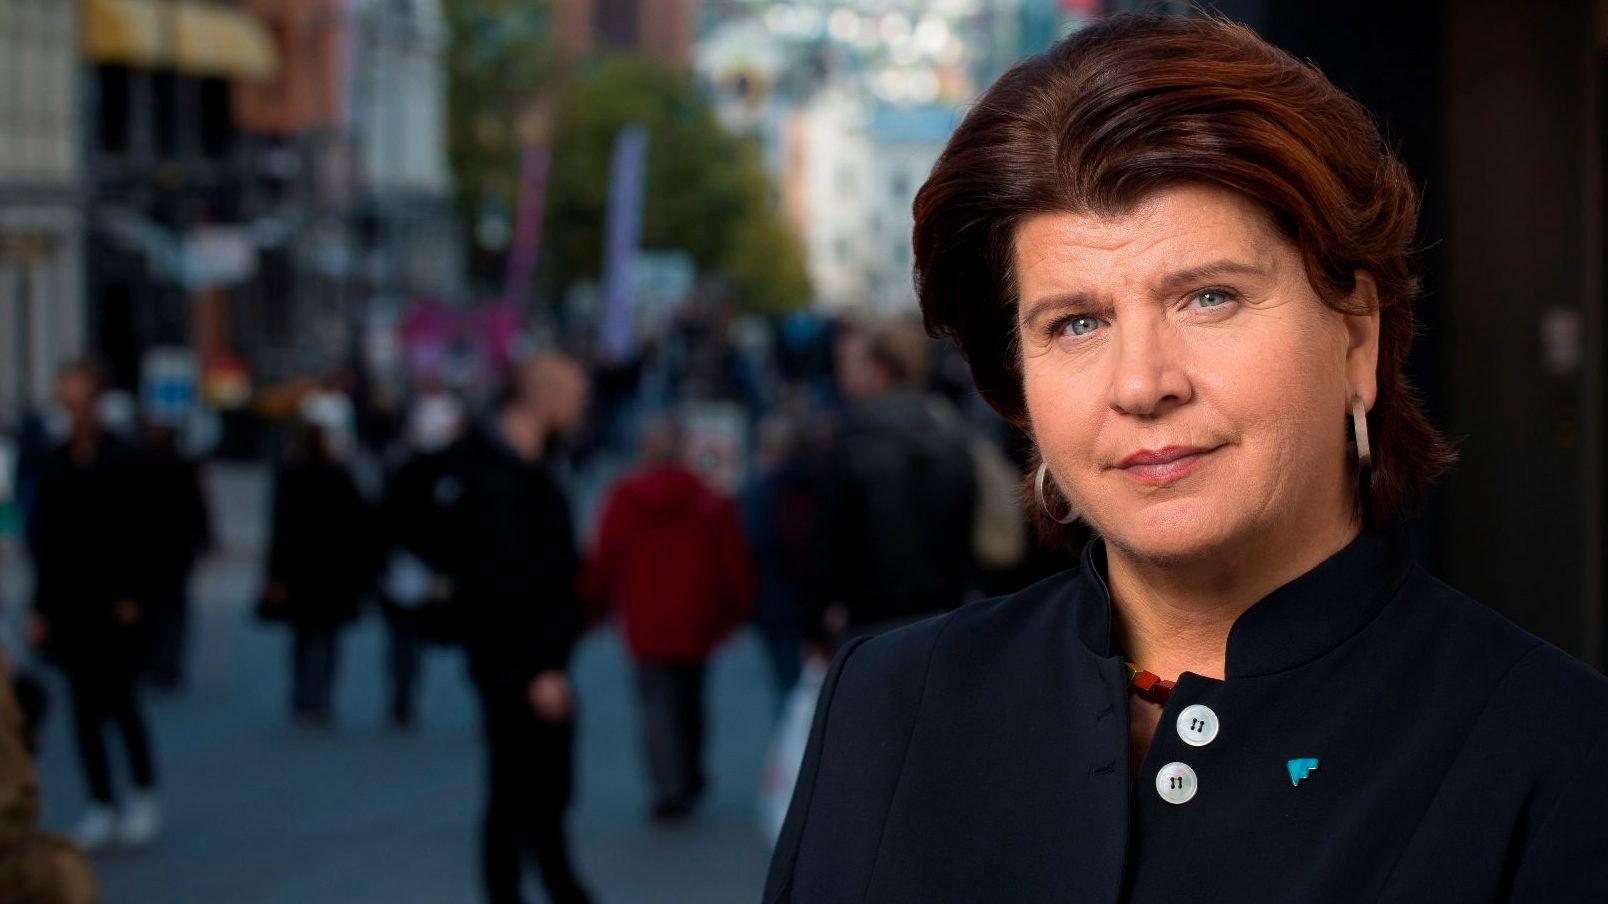 GREP MOT DYR KREDITT: Direktør Randi Flesland i Forbrukerrådet